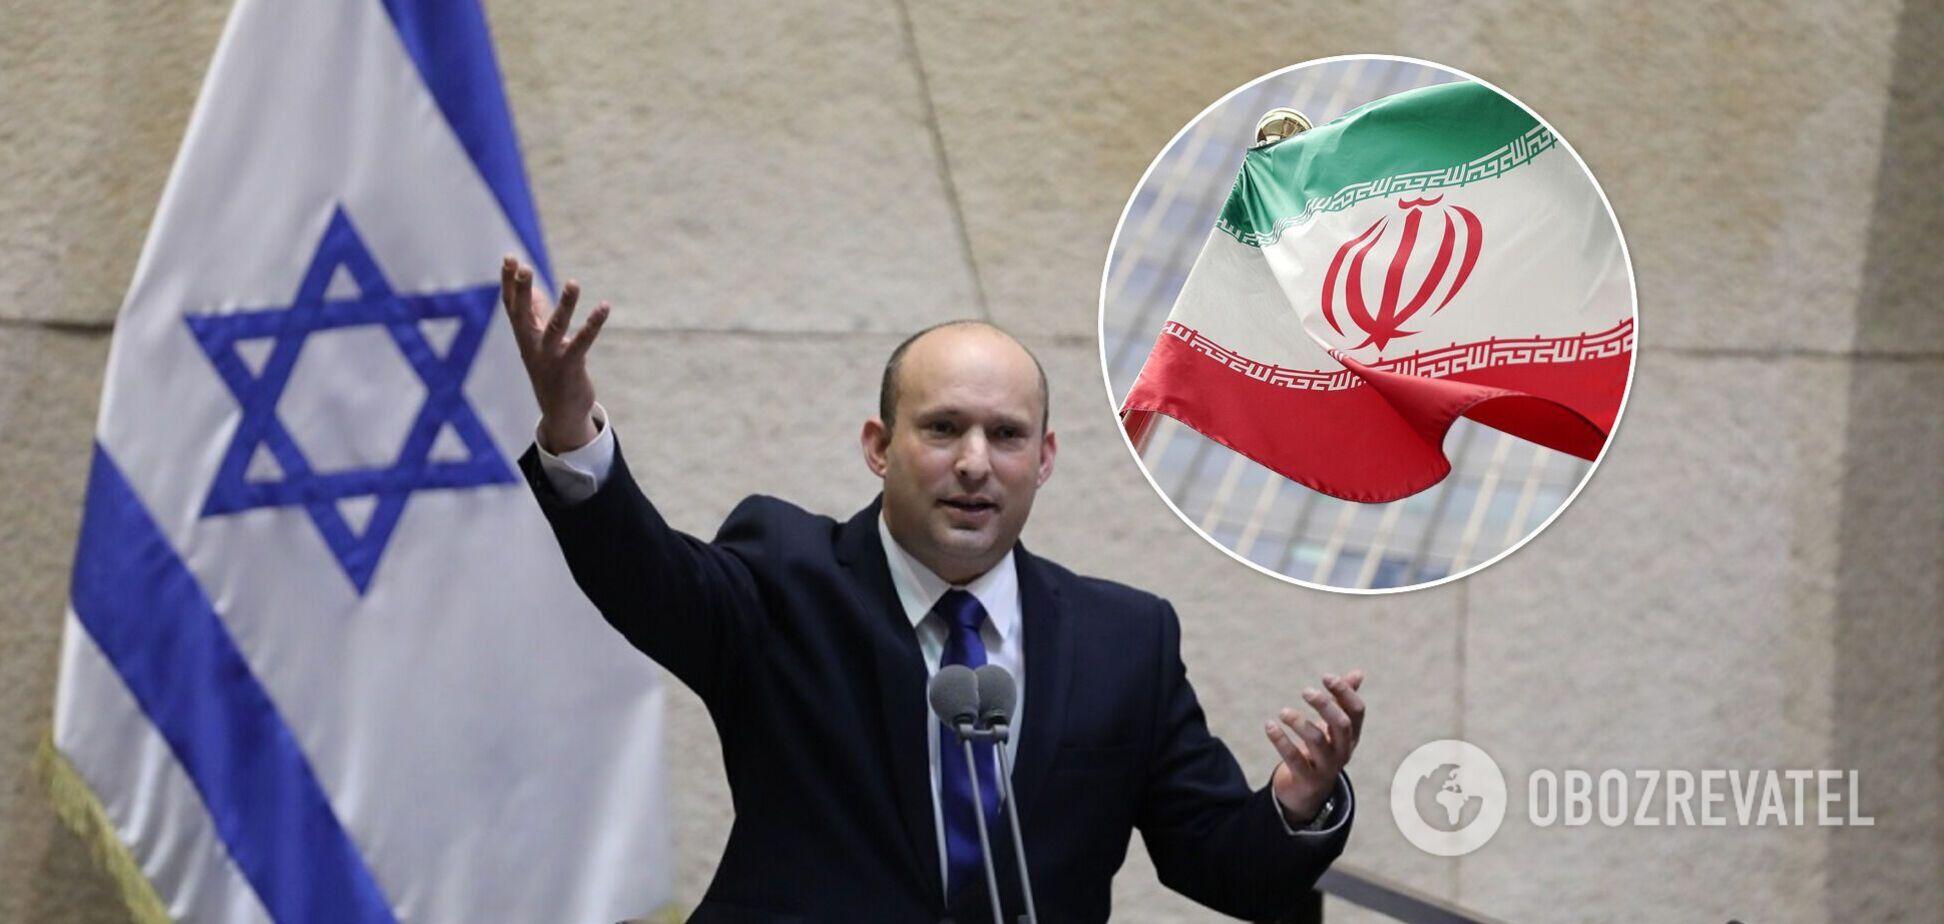 Ізраїль звинуватив Іран в організації теракту проти ізраїльтян на Кіпрі